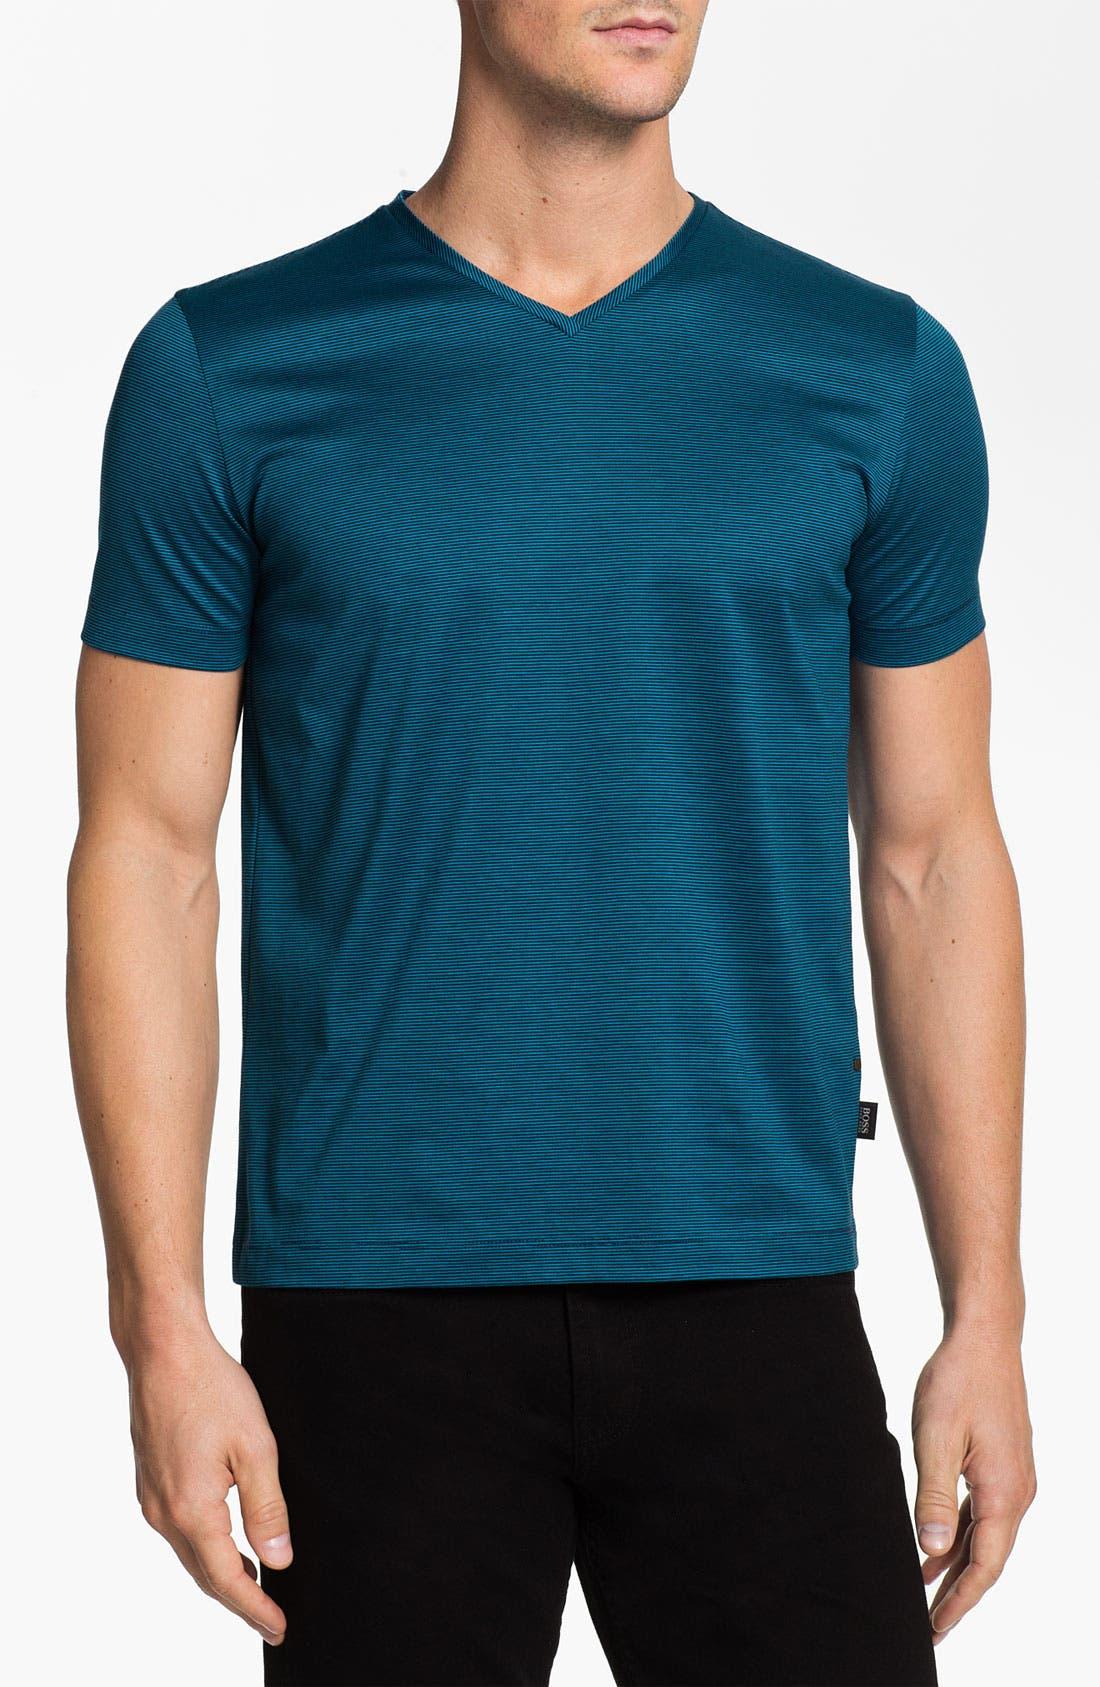 Alternate Image 1 Selected - BOSS HUGO BOSS 'Eraldo' V-Neck T-Shirt